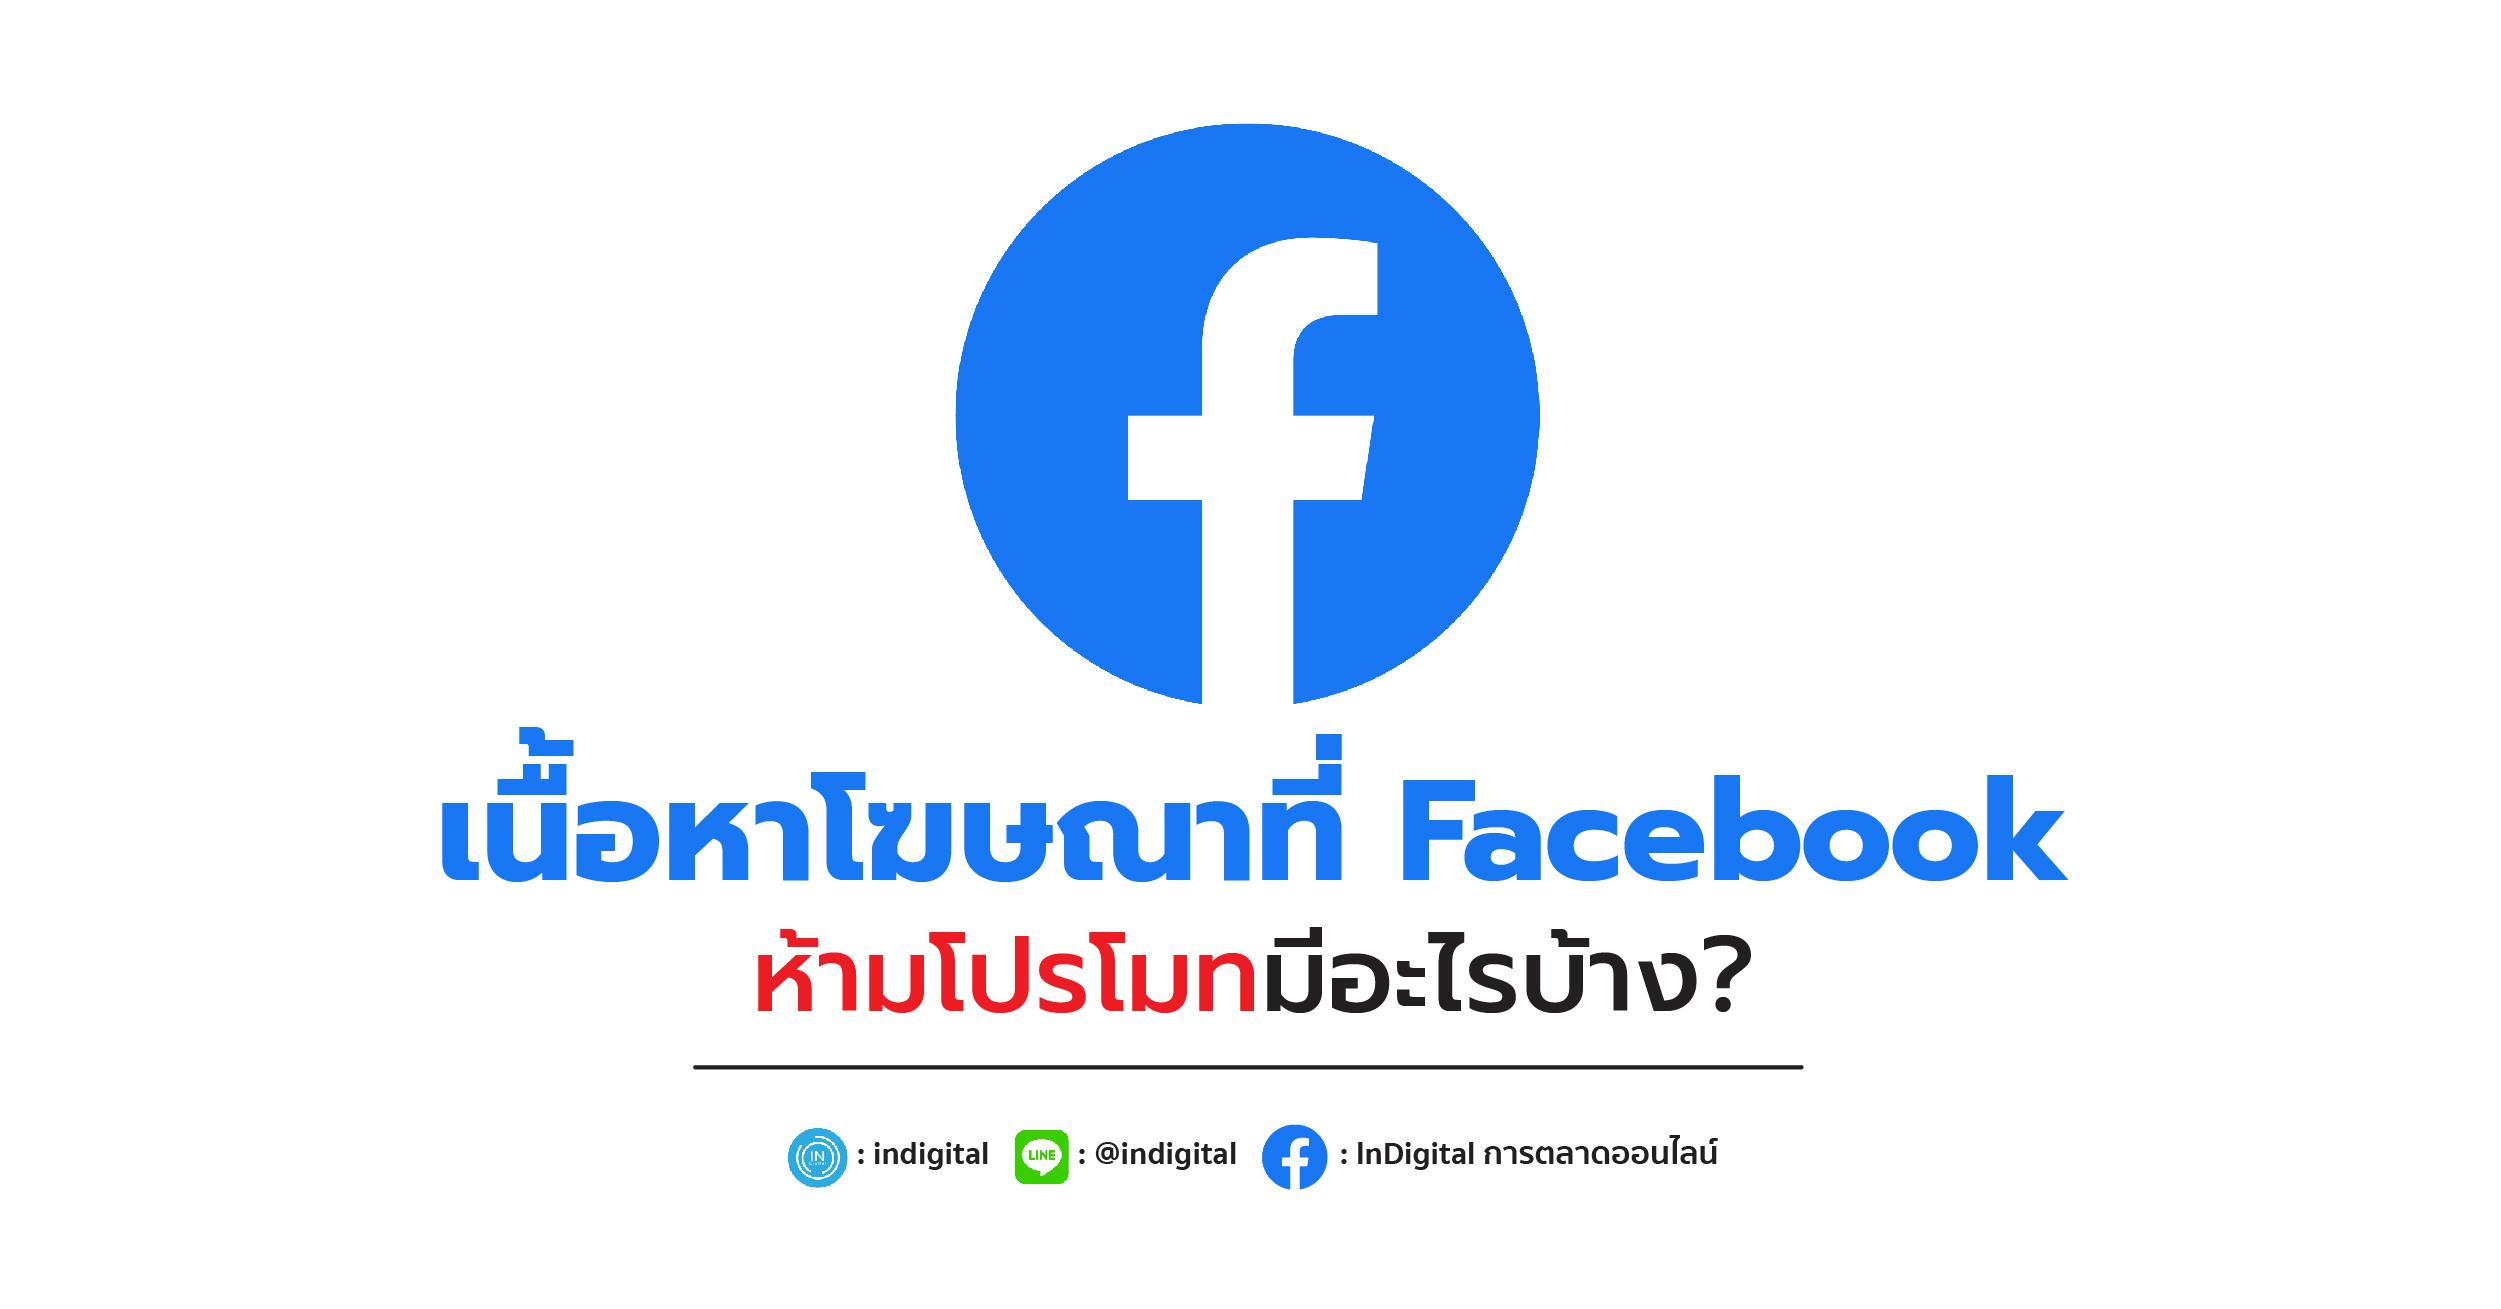 เนื้อหาโฆษณาที่ Facebook ห้ามโปรโมทมีอะไรบ้าง?